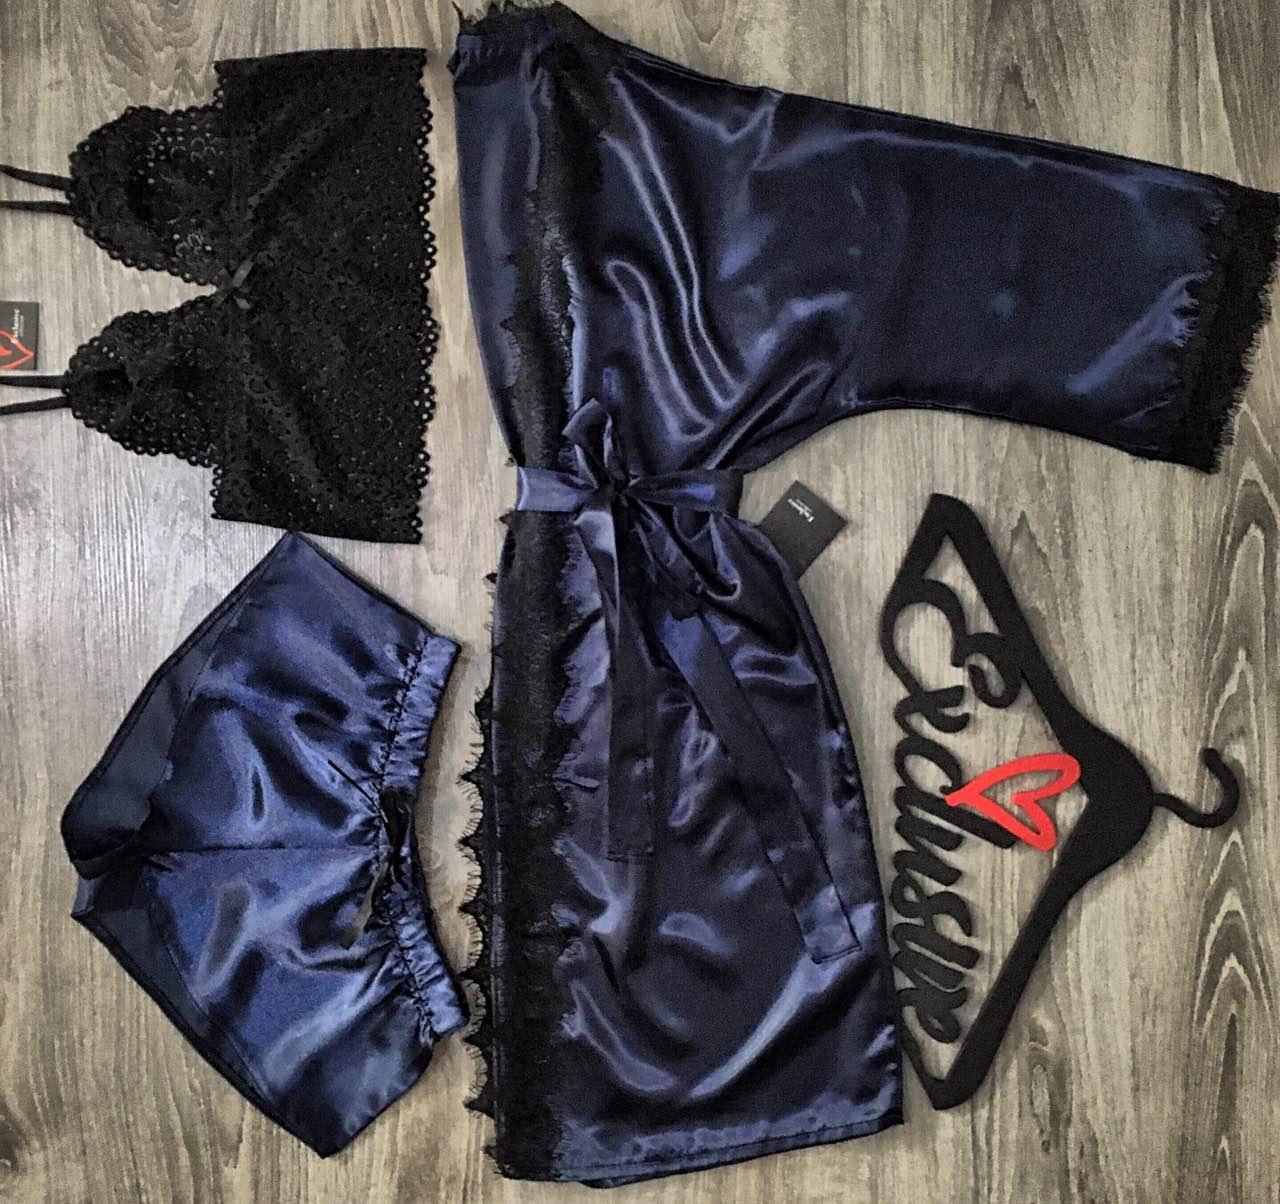 Женский комплект домашней одежды халат +топ+шорты.